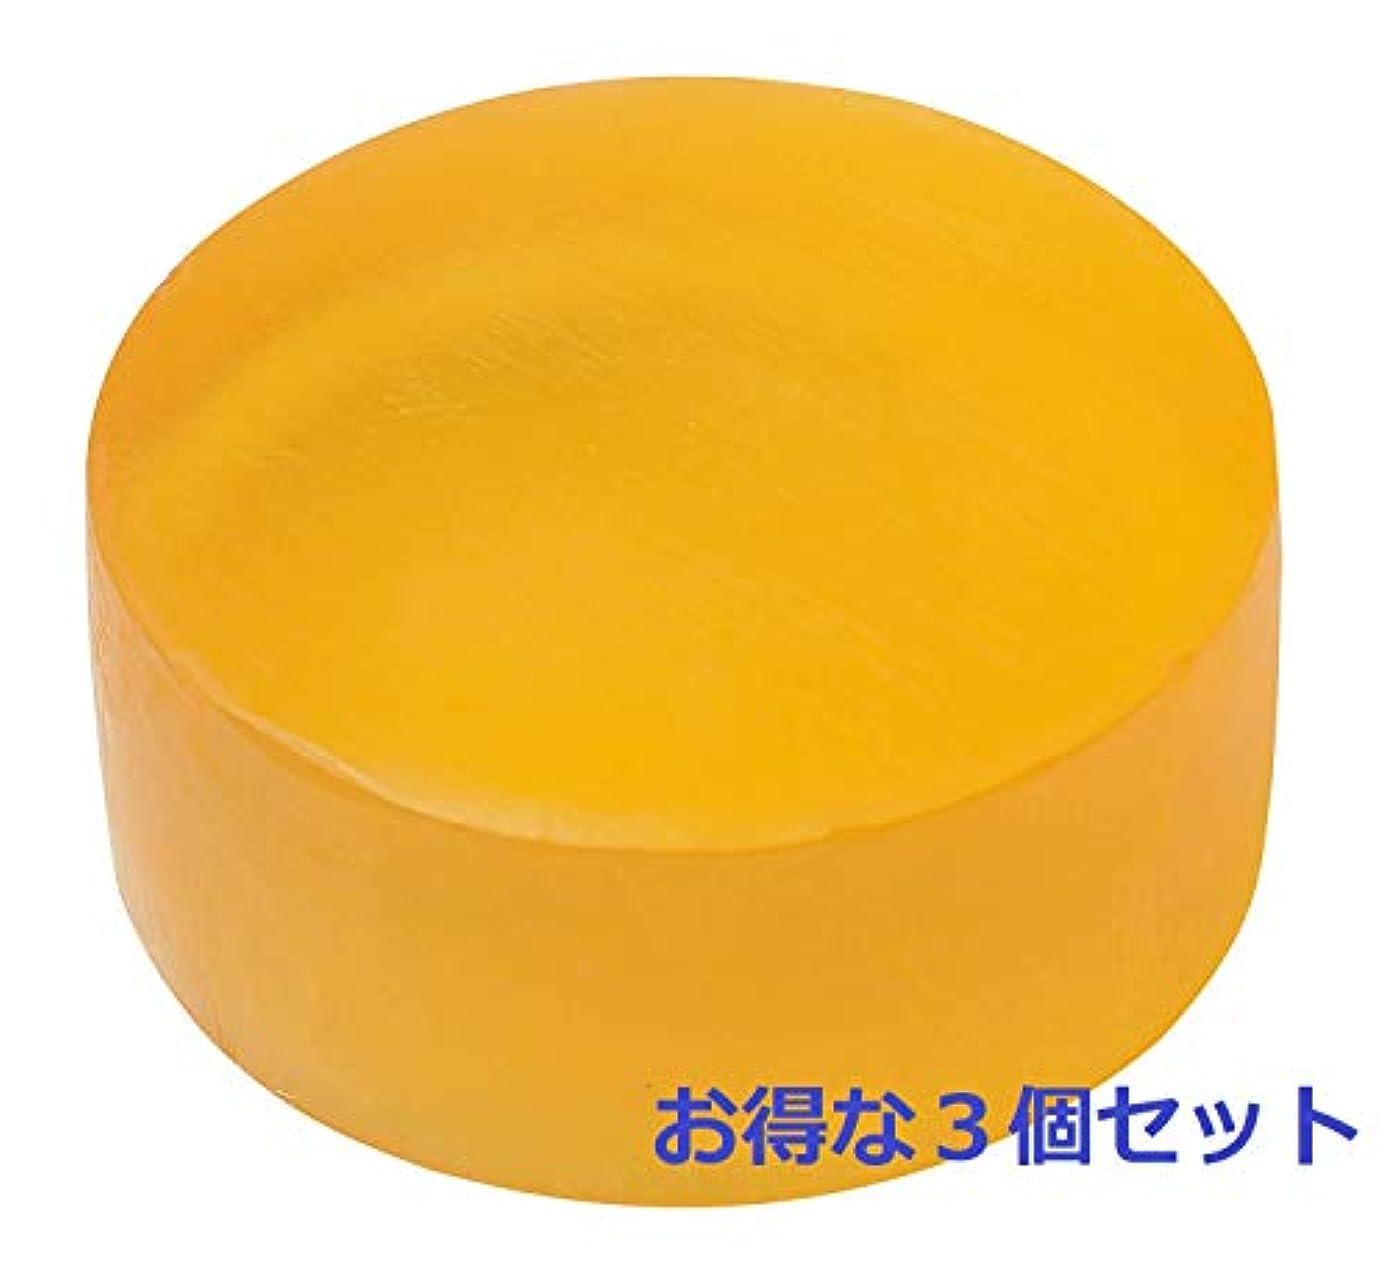 ぺディカブ貫通するピカソプラスリストア クレンジングソープ 熟成 洗顔石鹸 メイク落とし 3個セット